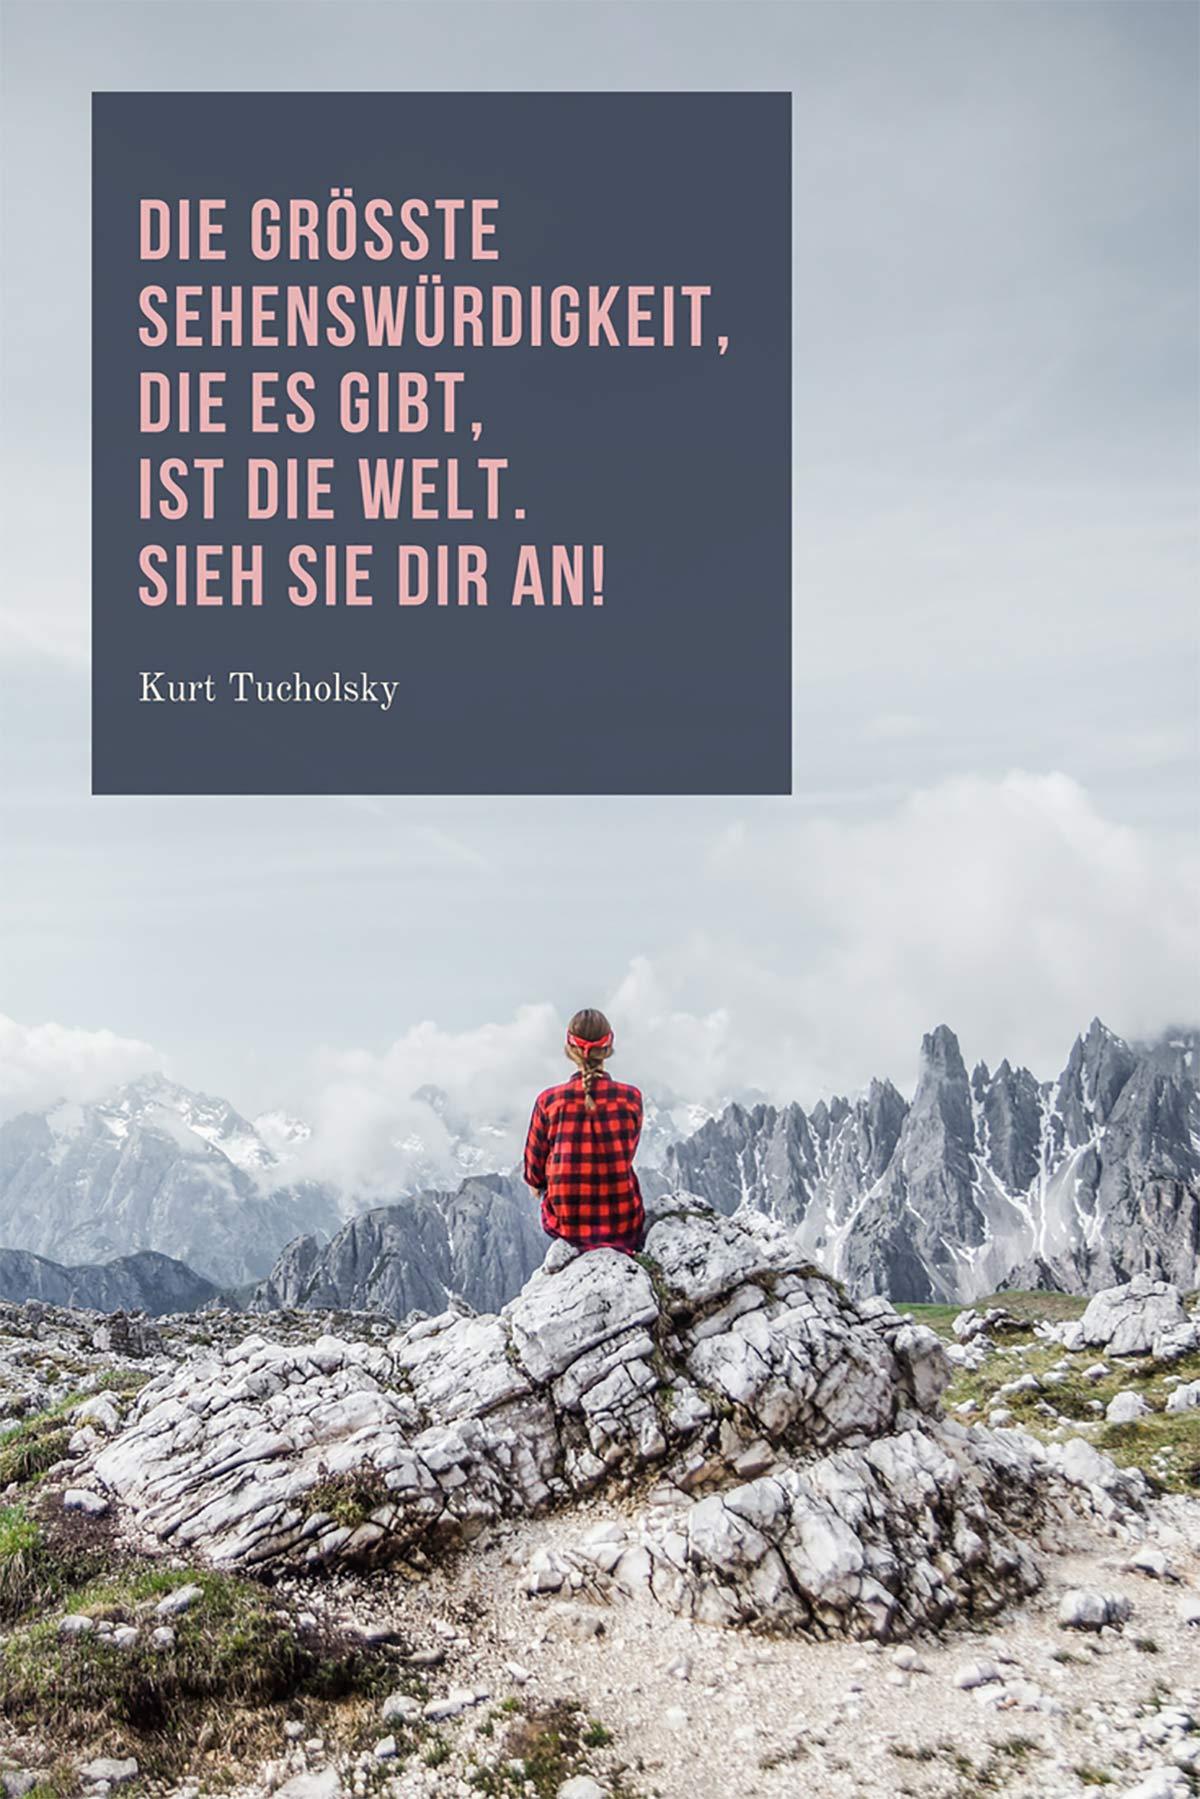 Die größte Sehenswürdigkeit, die es gibt, ist die Welt. Sieh sie dir an. – Kurt Tucholsky